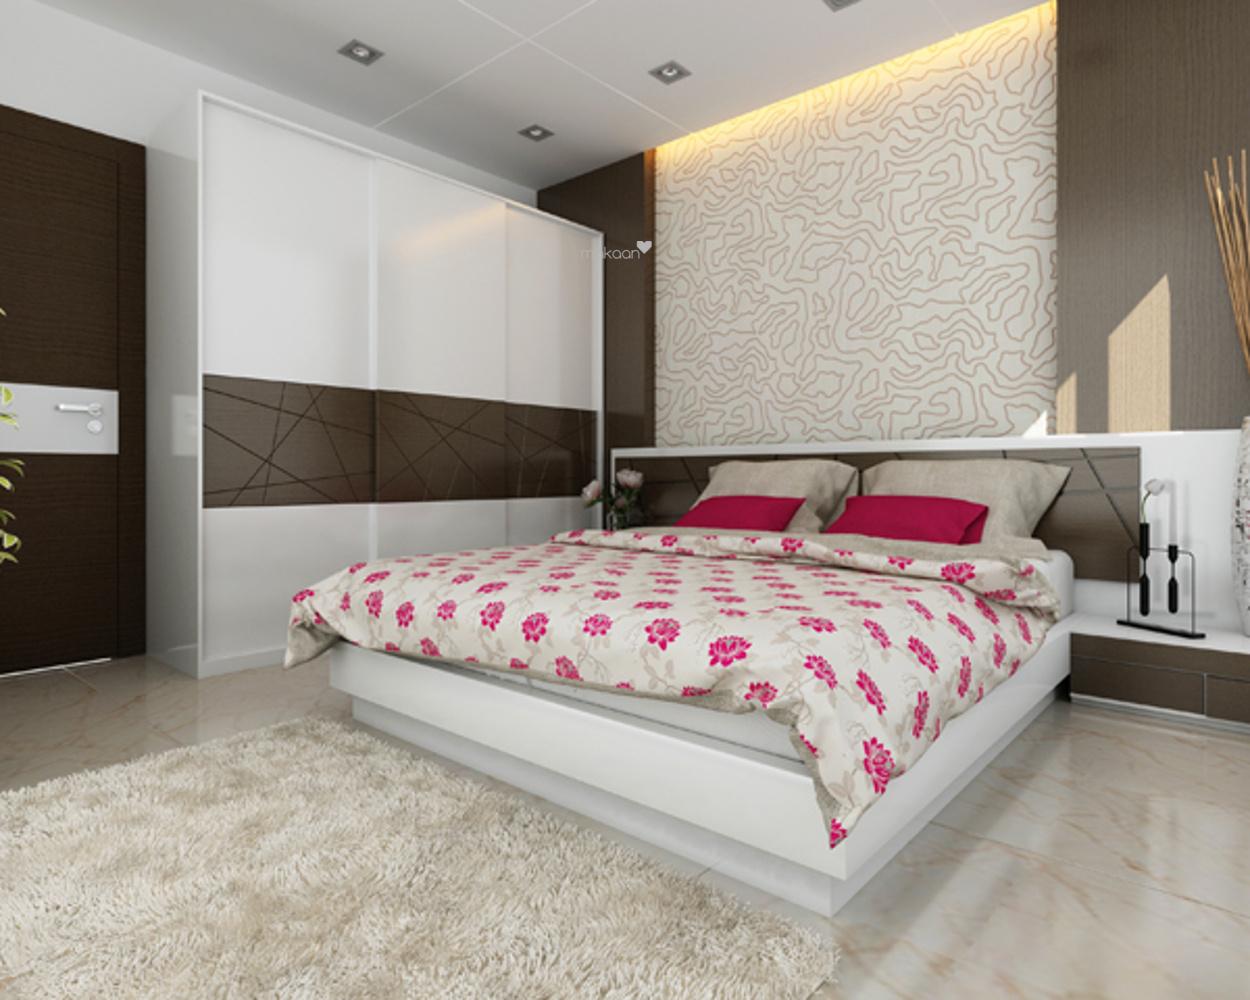 1713 sq ft 3BHK 3BHK+3T (1,713 sq ft) Property By Proptiger In Purva Swanlake, Kelambakkam